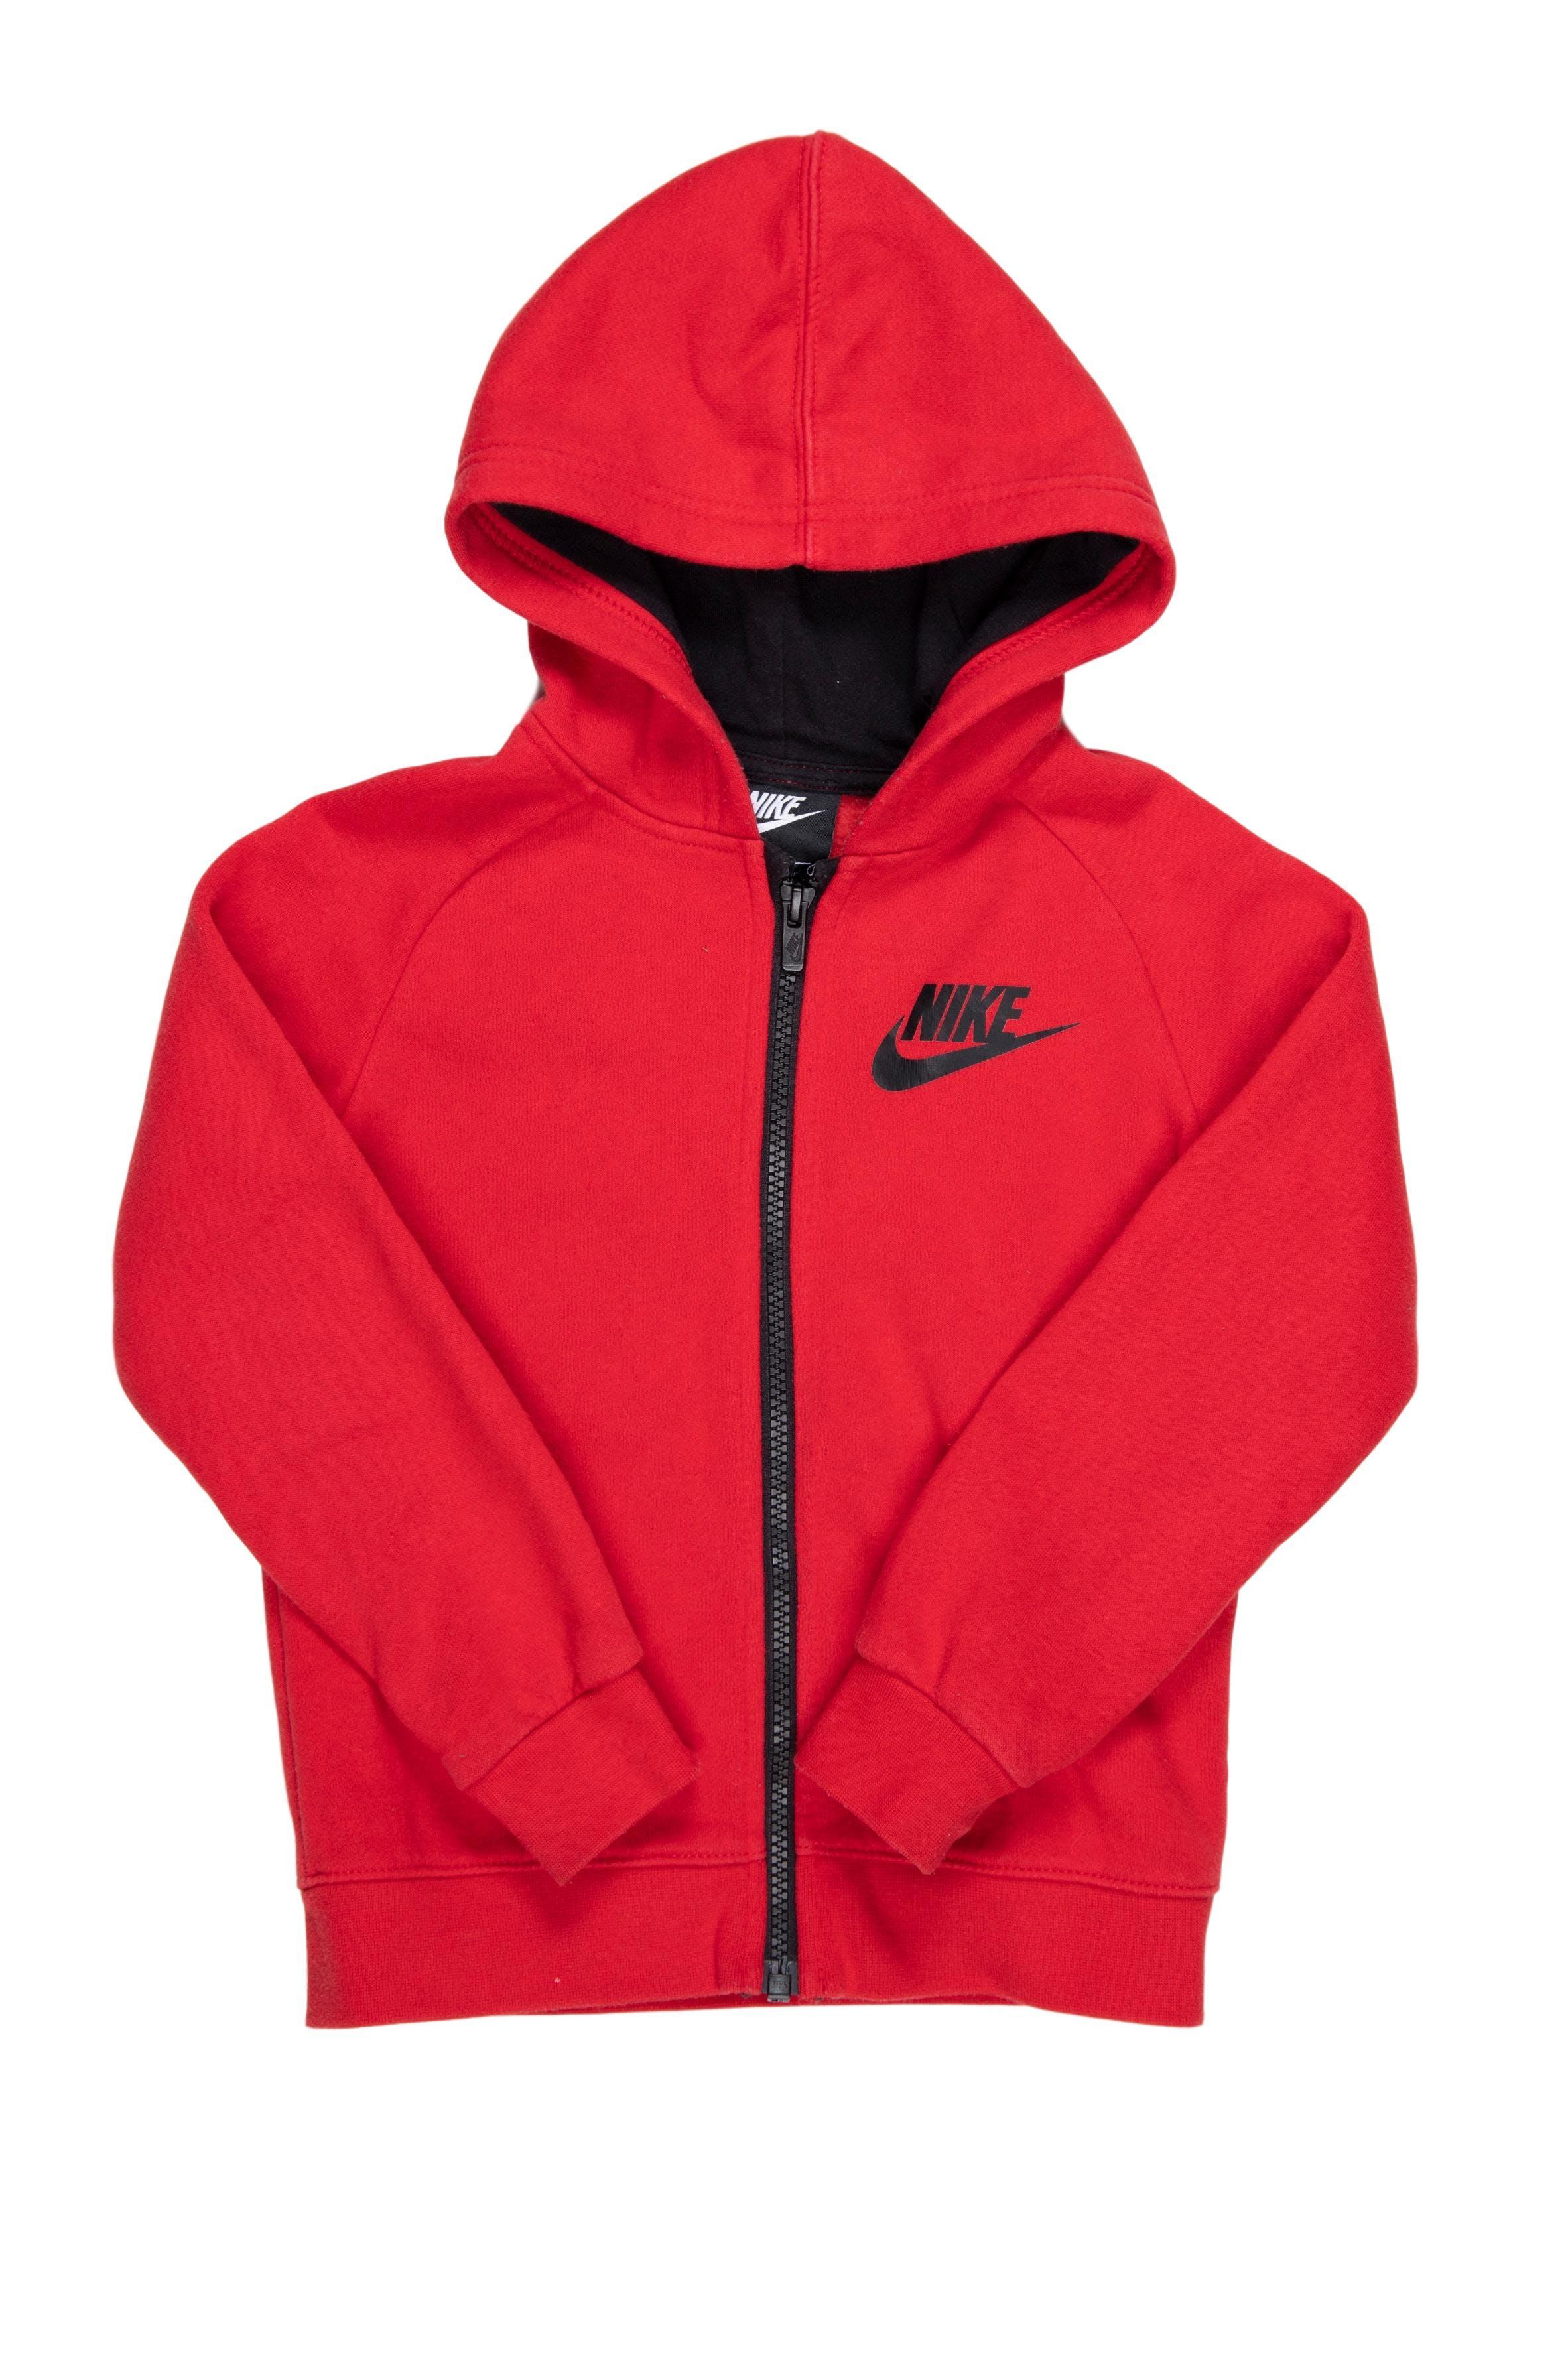 Casaca de buzo Nike roja